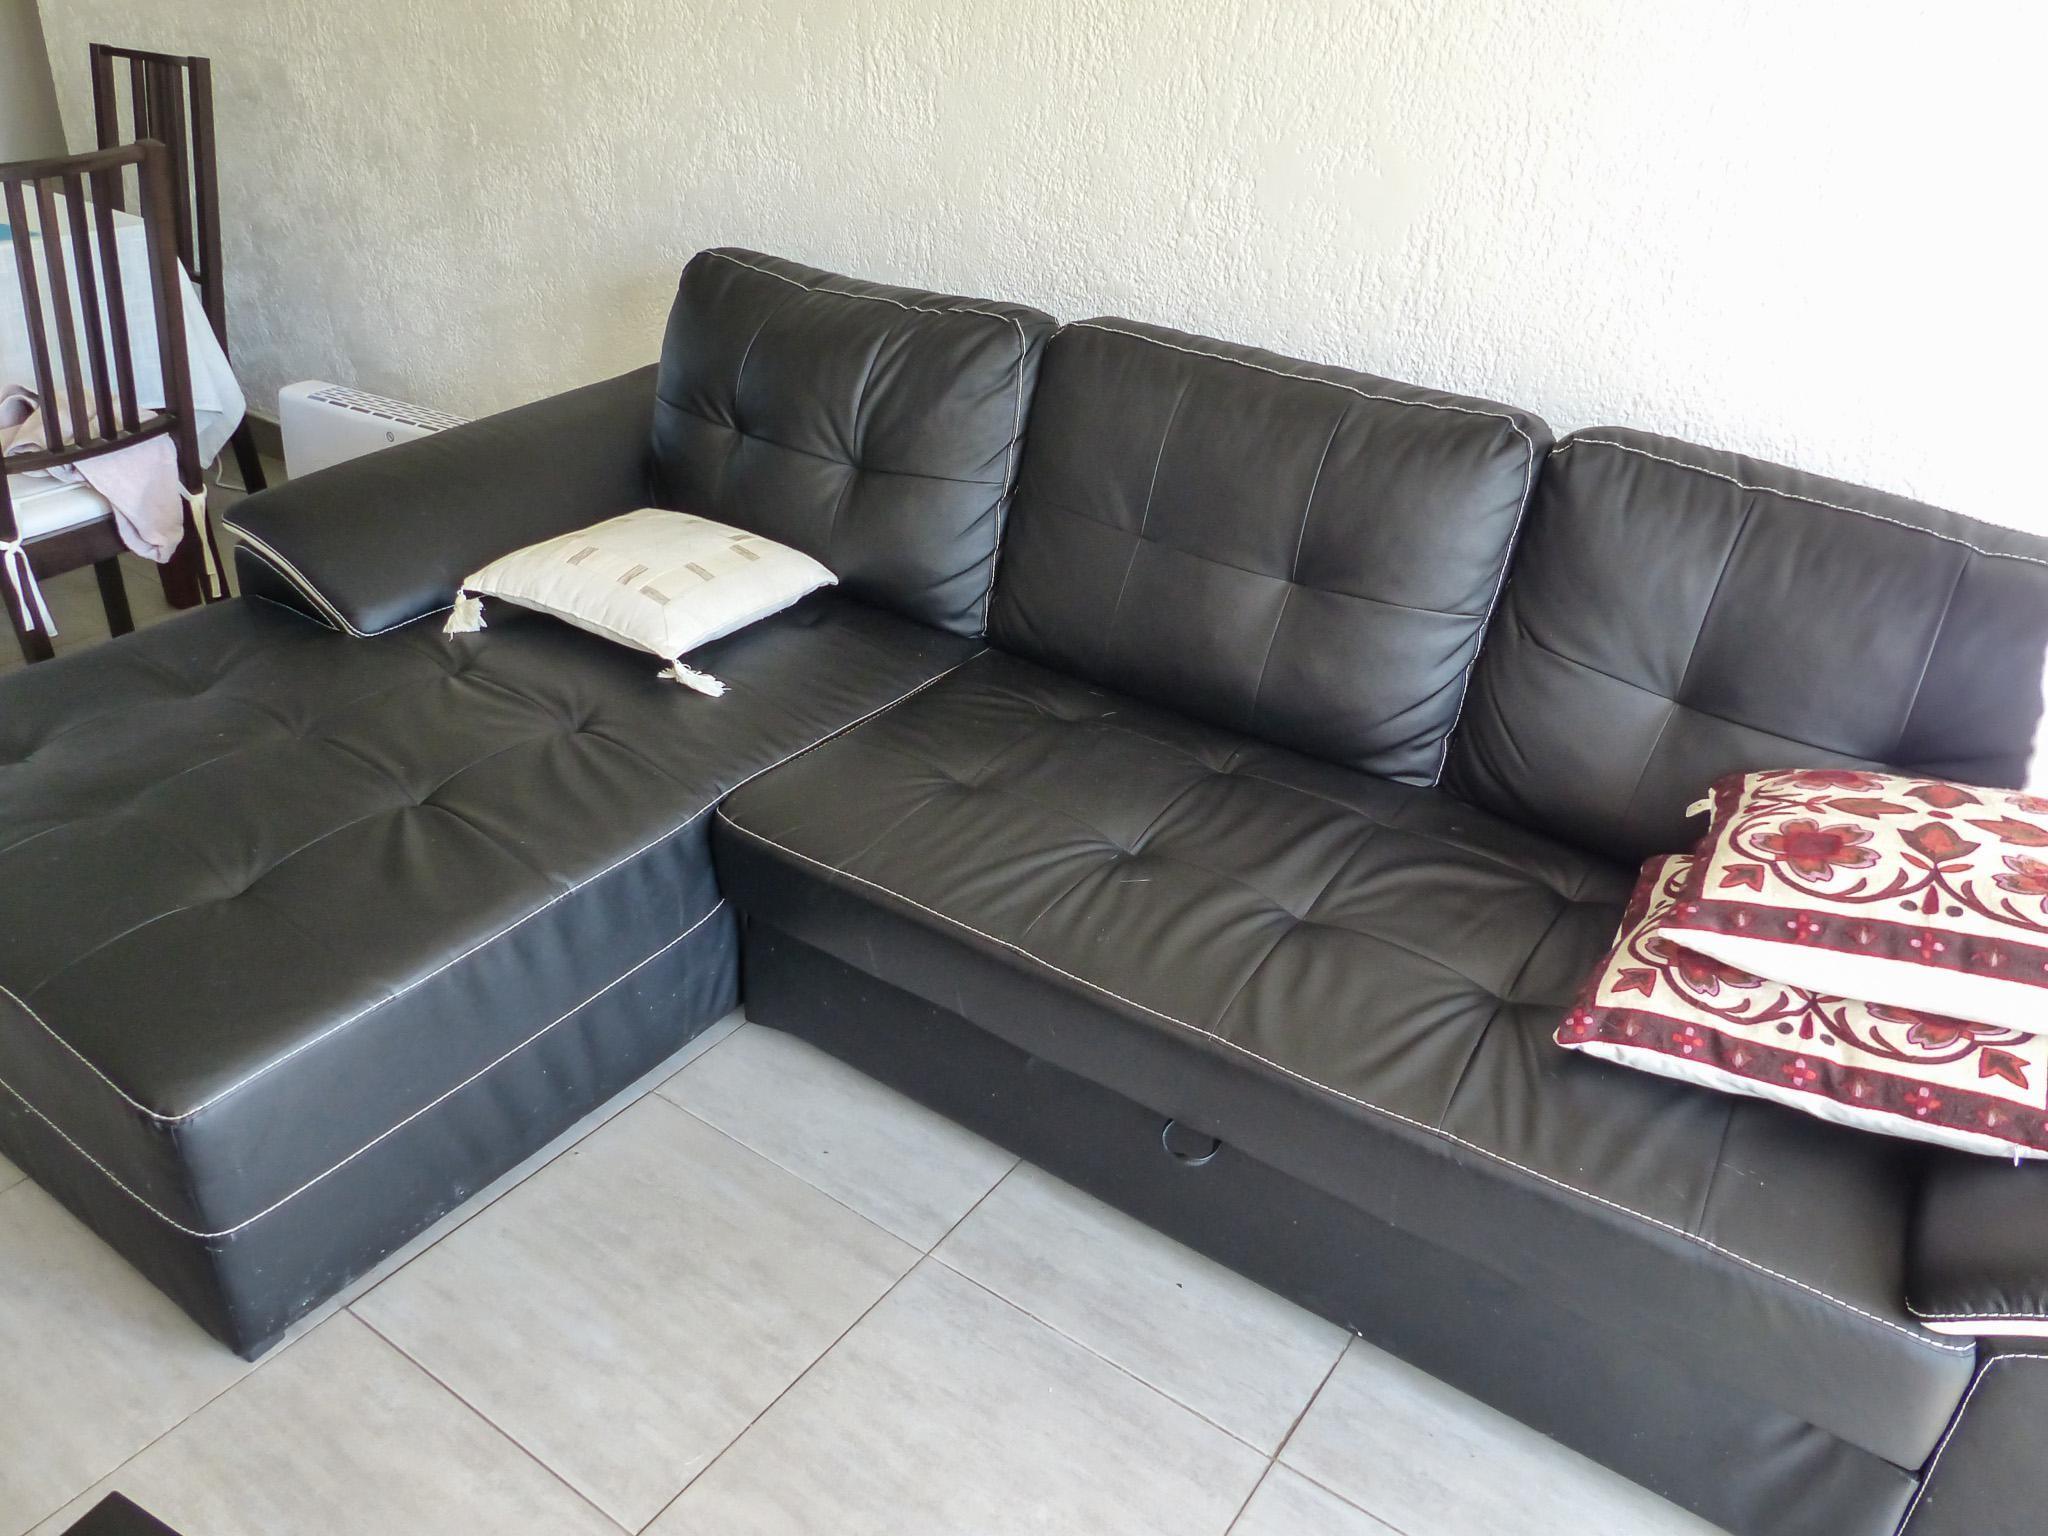 Canap bz bon coin maison et mobilier d 39 int rieur - Canape sur le bon coin ...